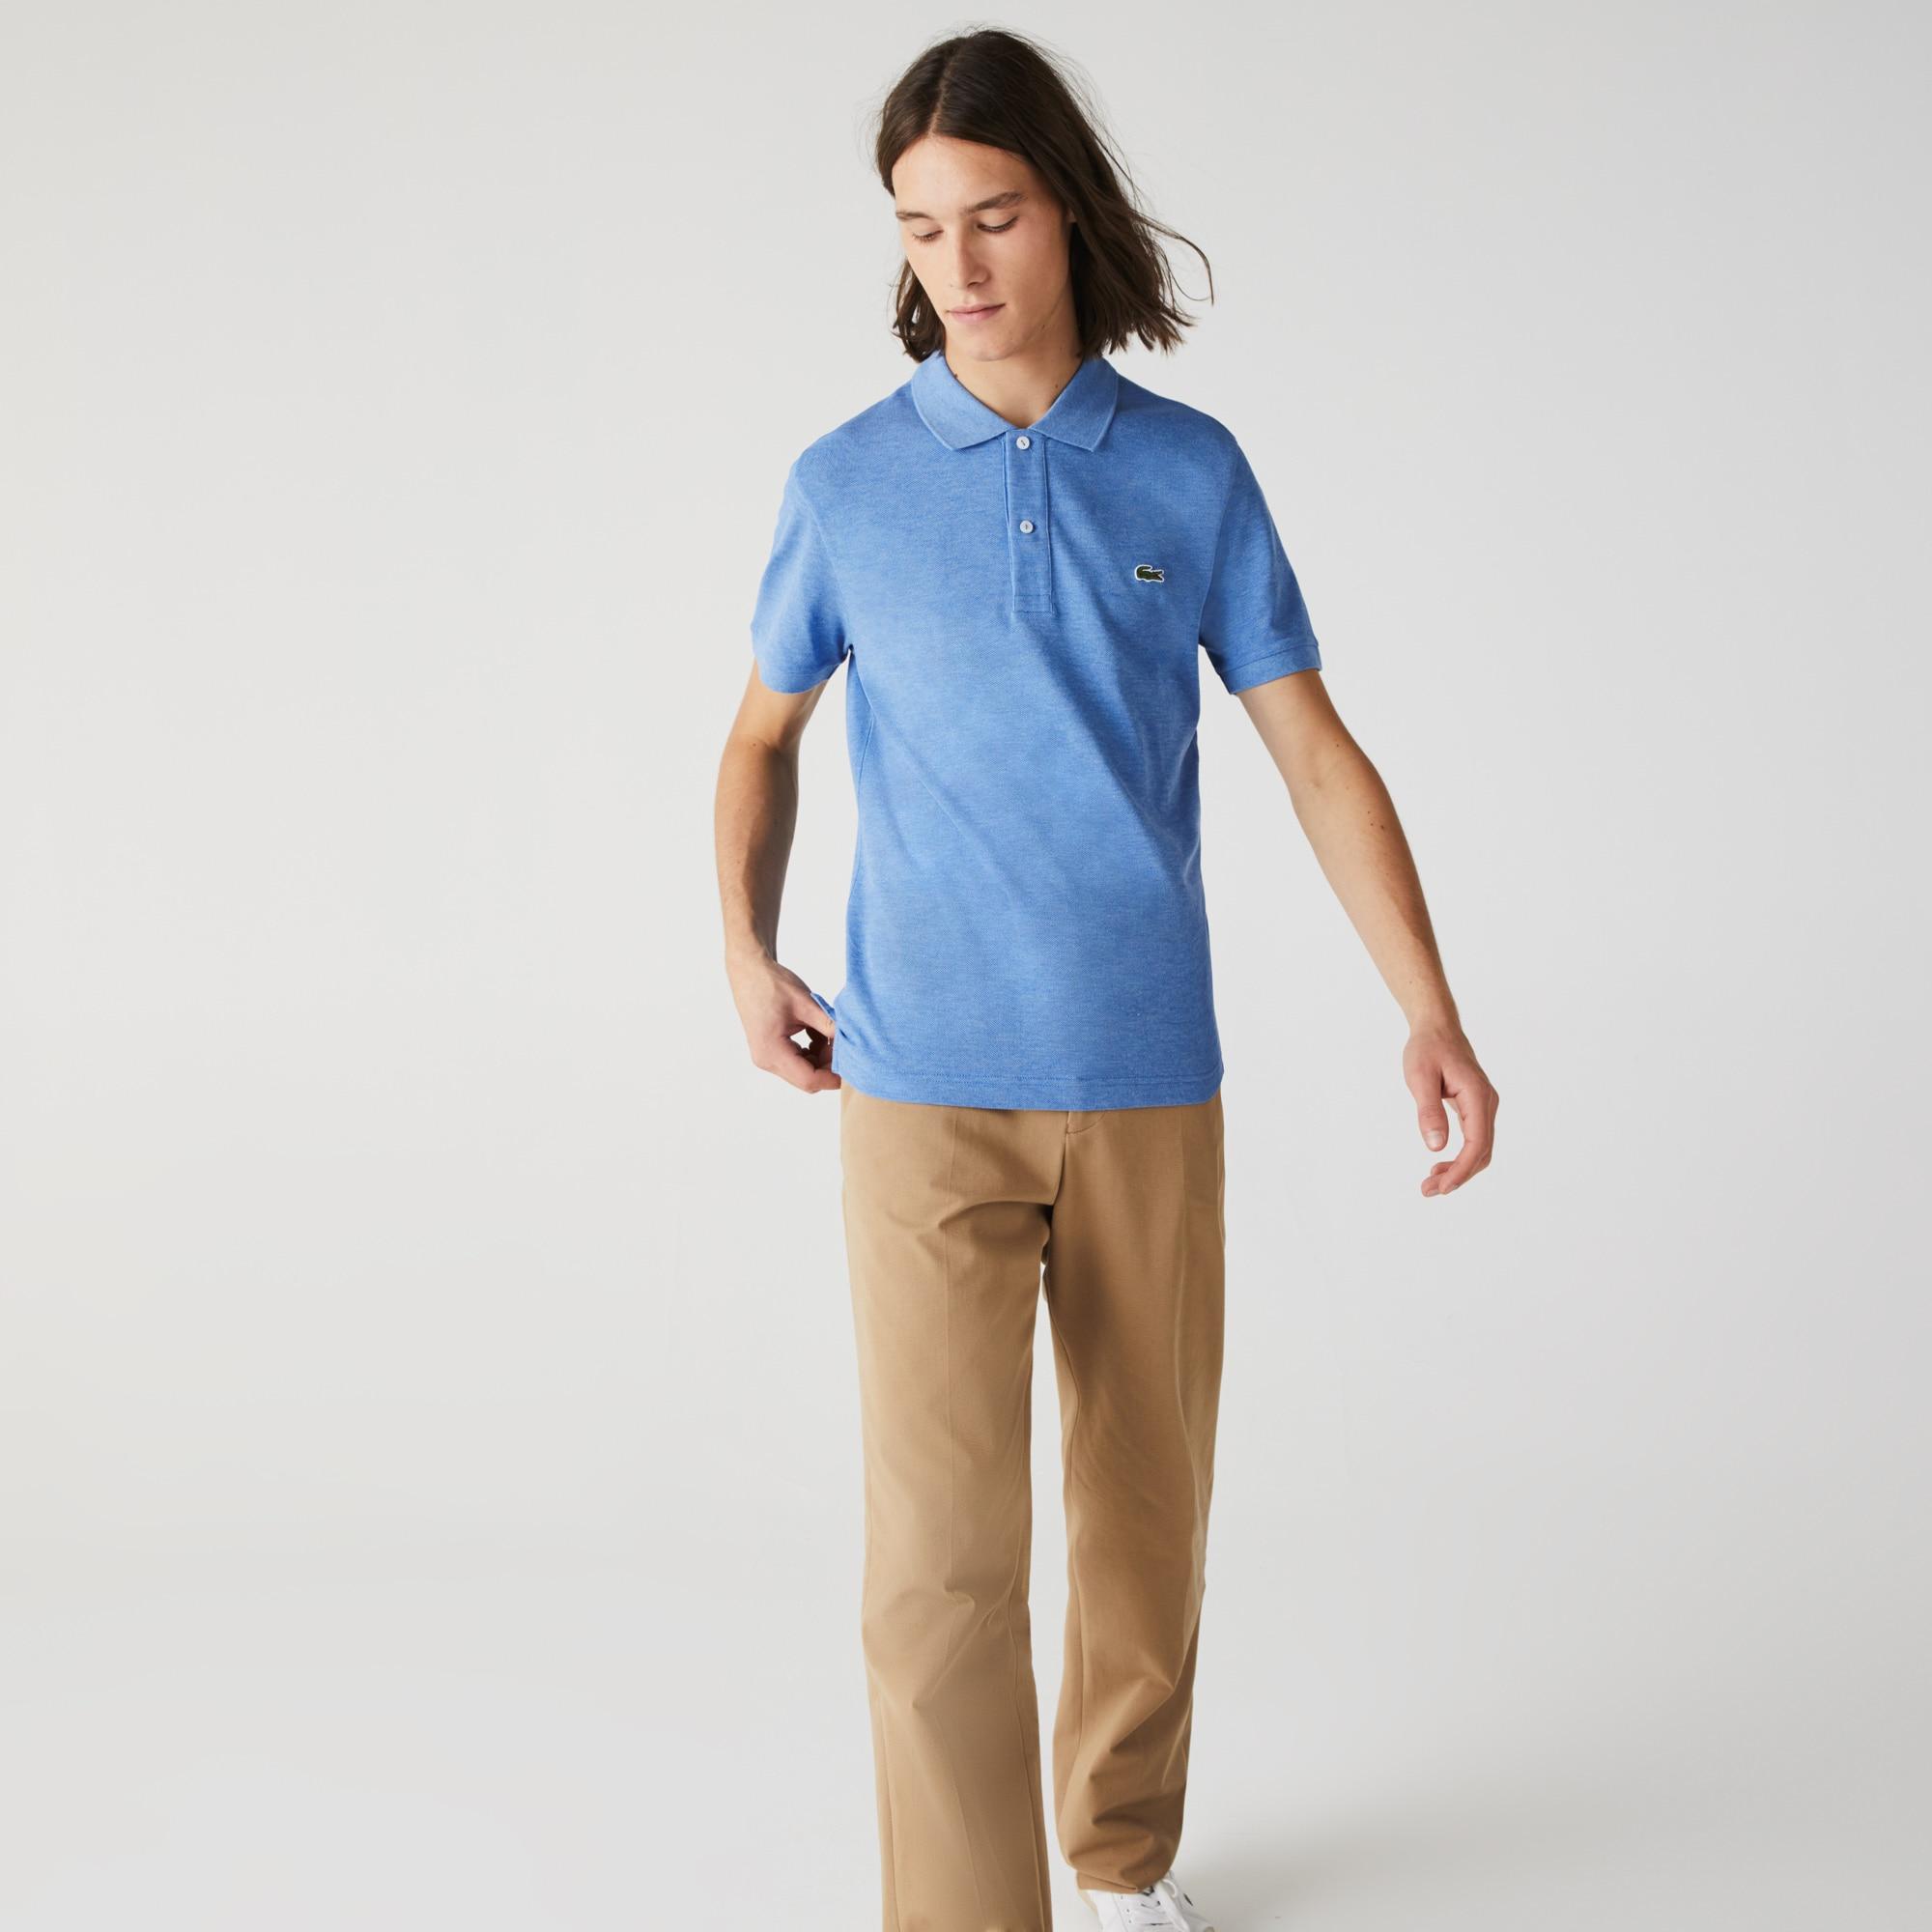 Lacoste PH4012 Men/'s PIQUÉ Slim Fit Ocean Blue Cotton Polo Shirt 3XL EU 8